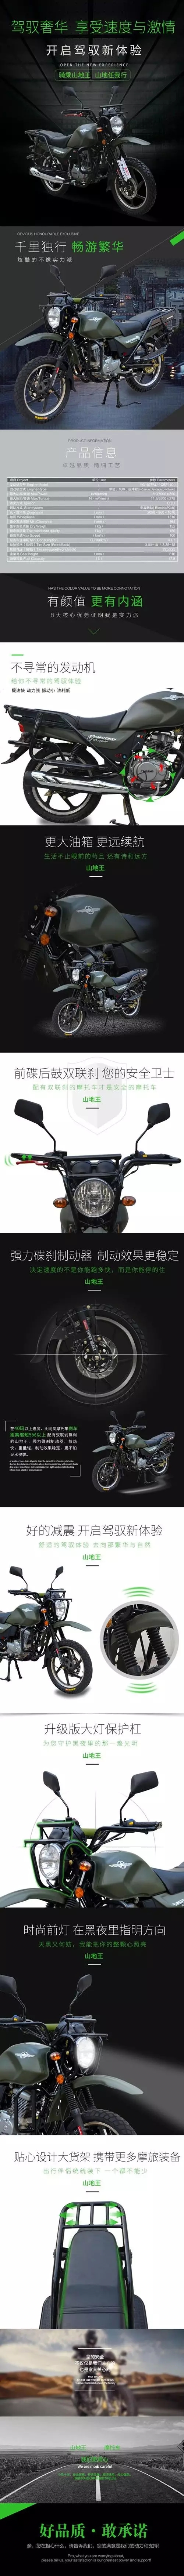 配有双联刹的摩托车为安全护航银钢山地王